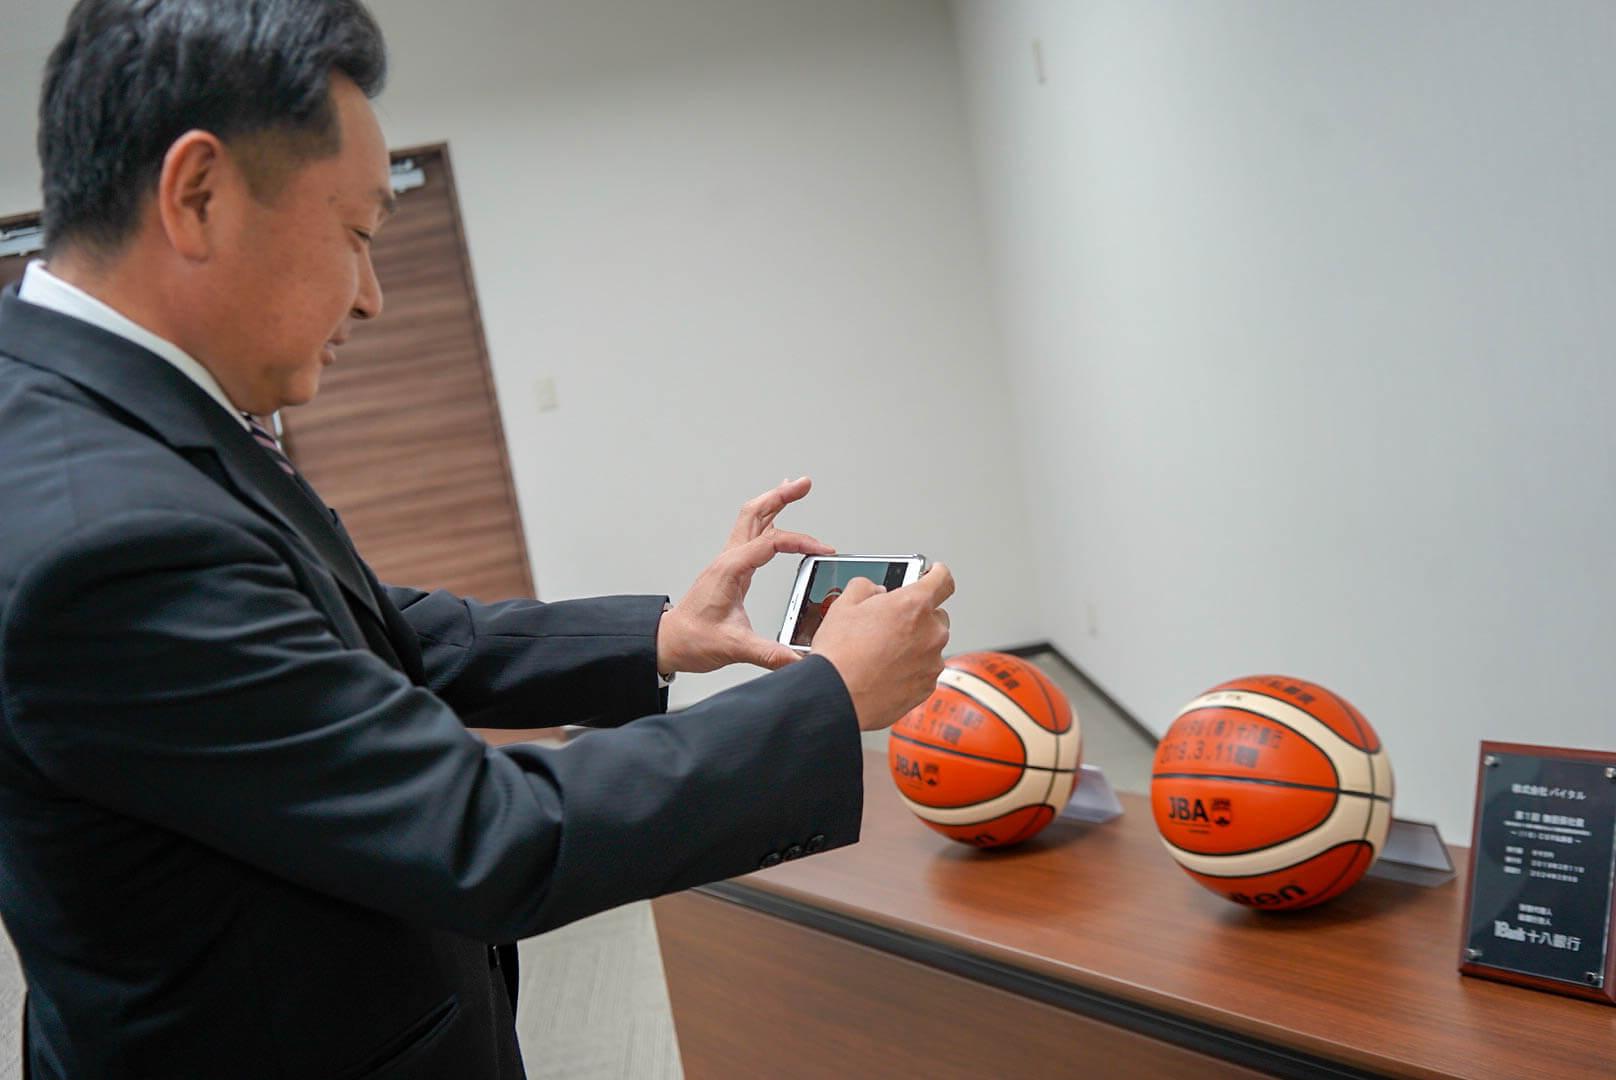 バスケットボール 寄贈品